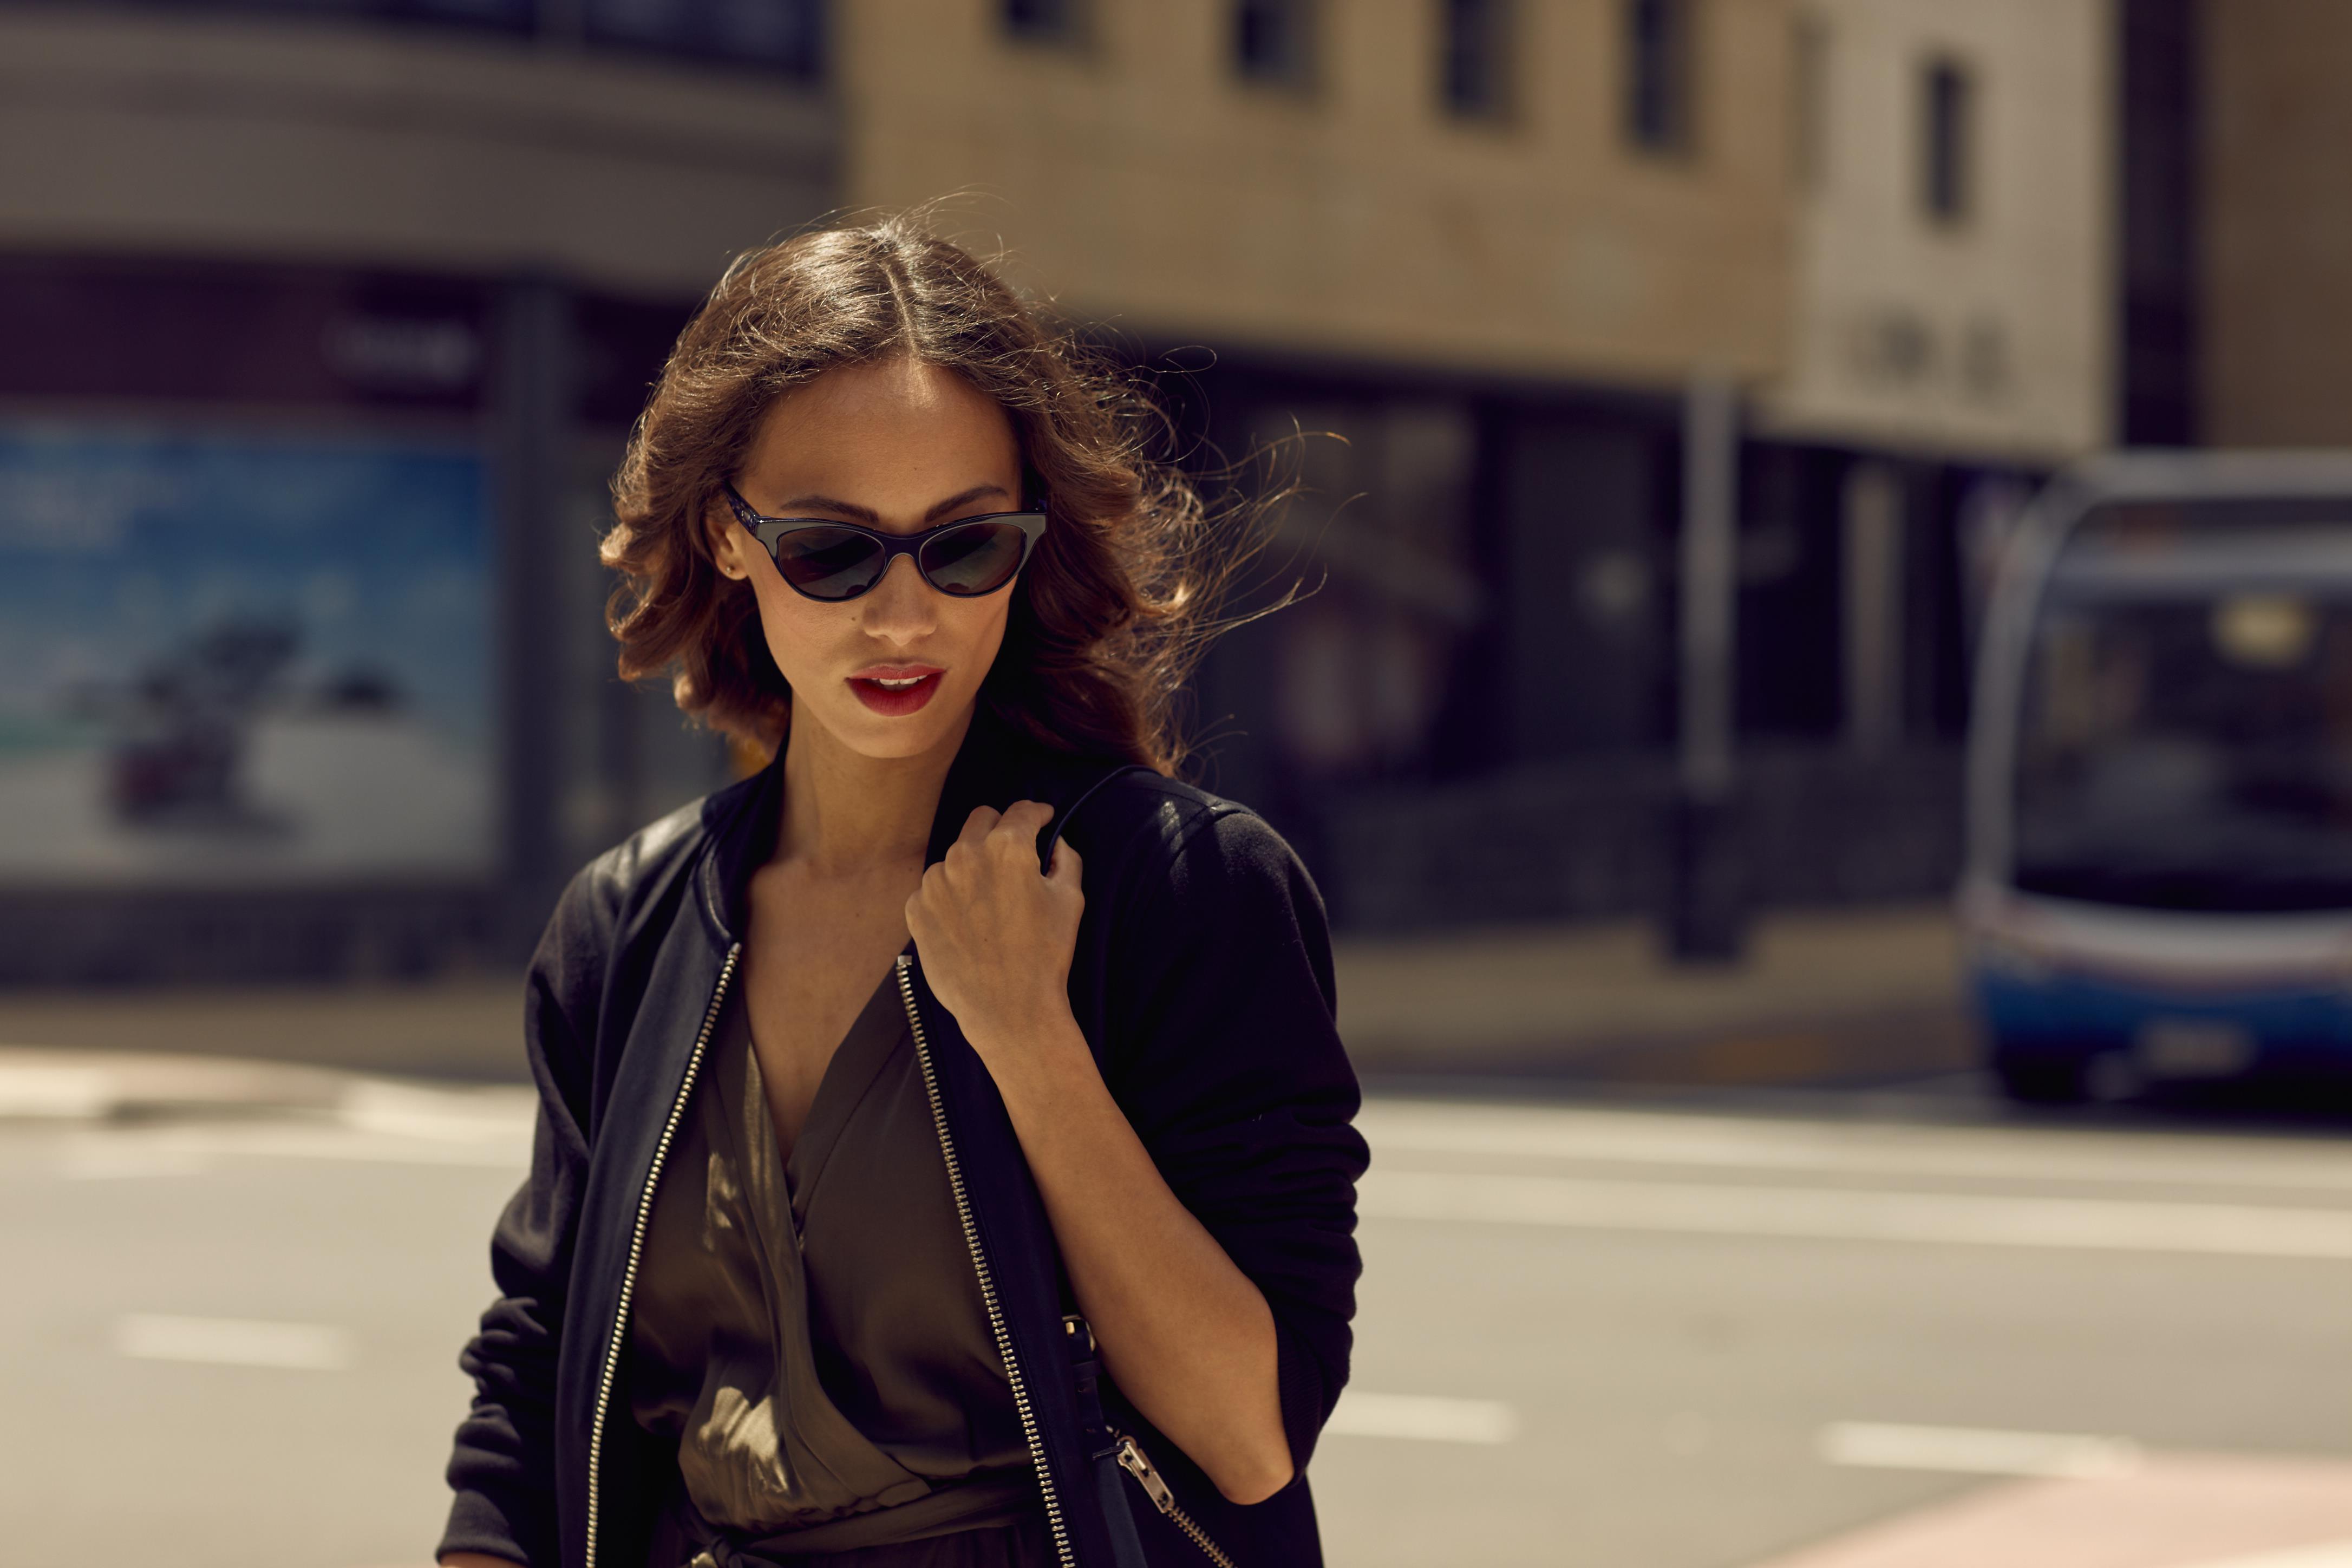 SIGNATURE_ON-STREET_3031.jpg